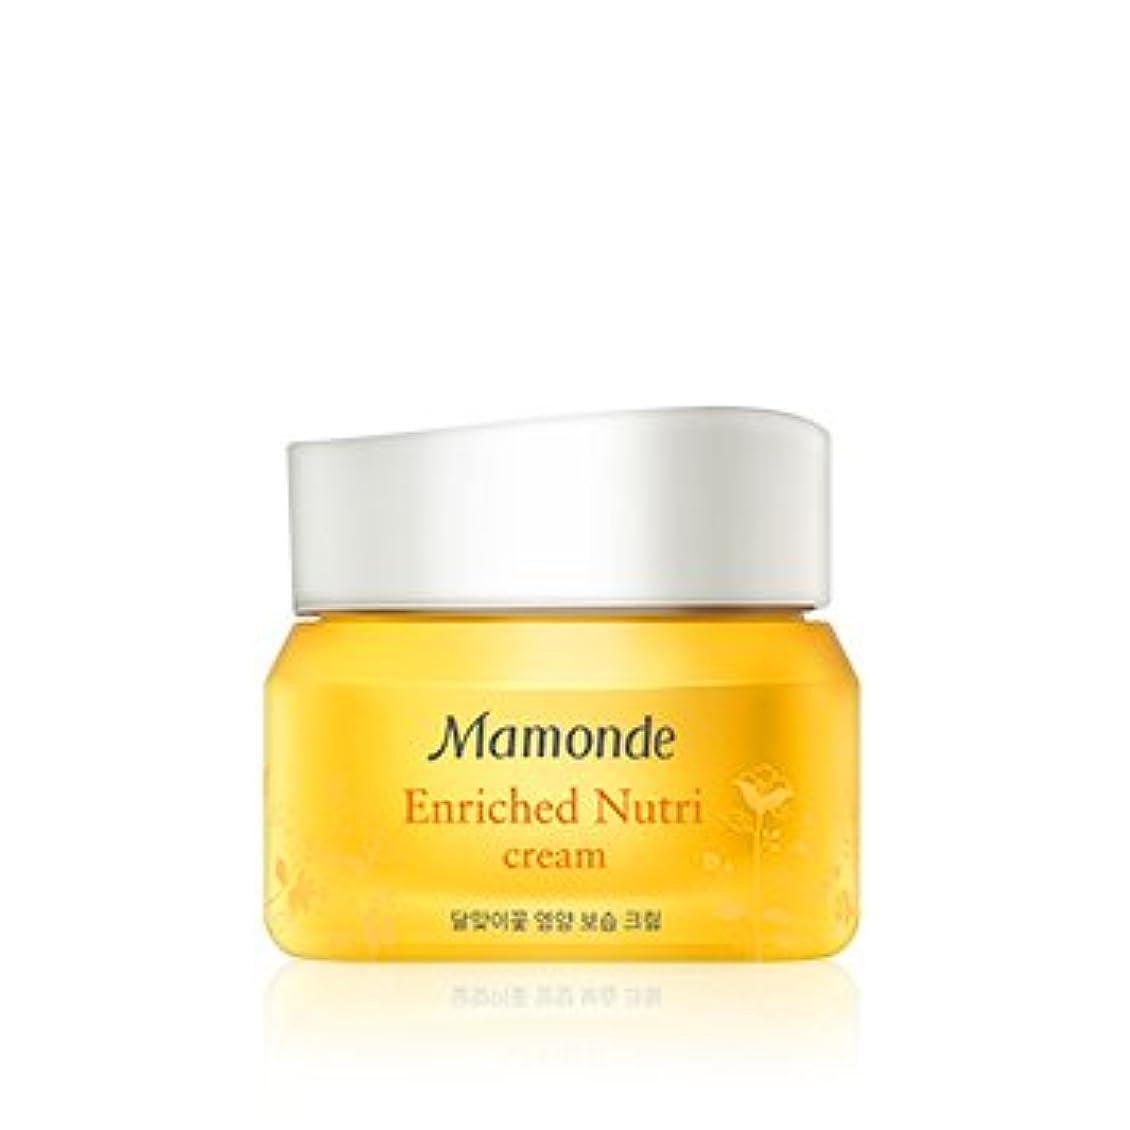 環境大西洋悲しみ[New] Mamonde Enriched Nutri Cream 50ml/マモンド エンリッチド ニュートリ クリーム 50ml [並行輸入品]